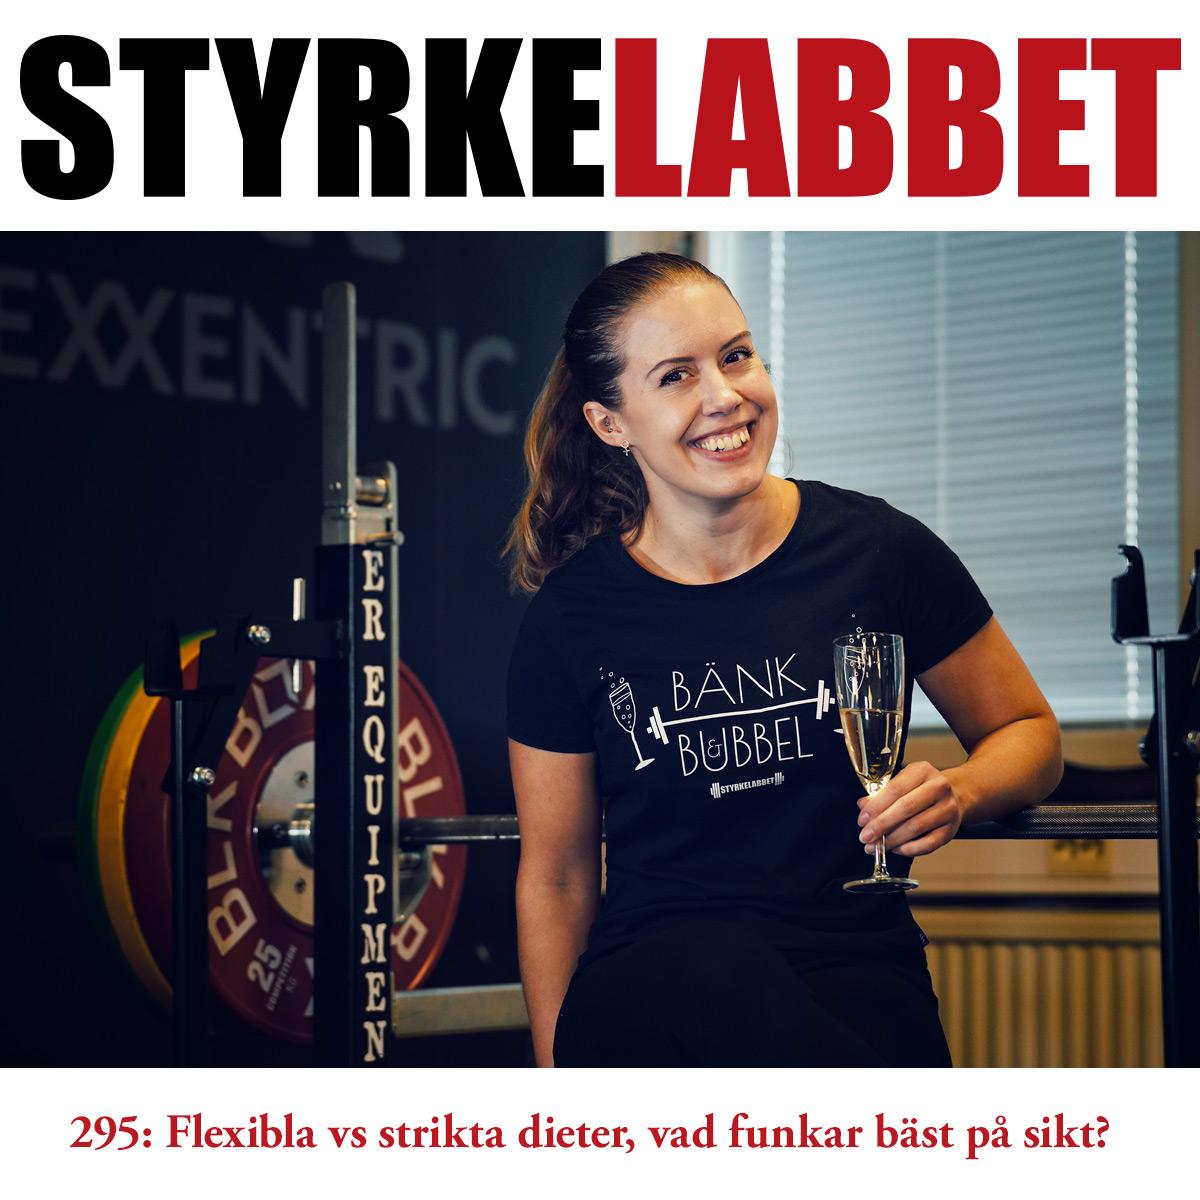 Styrkelabbet avsnitt 295: Flexibla vs strikta dieter, vad funkar bäst på sikt?